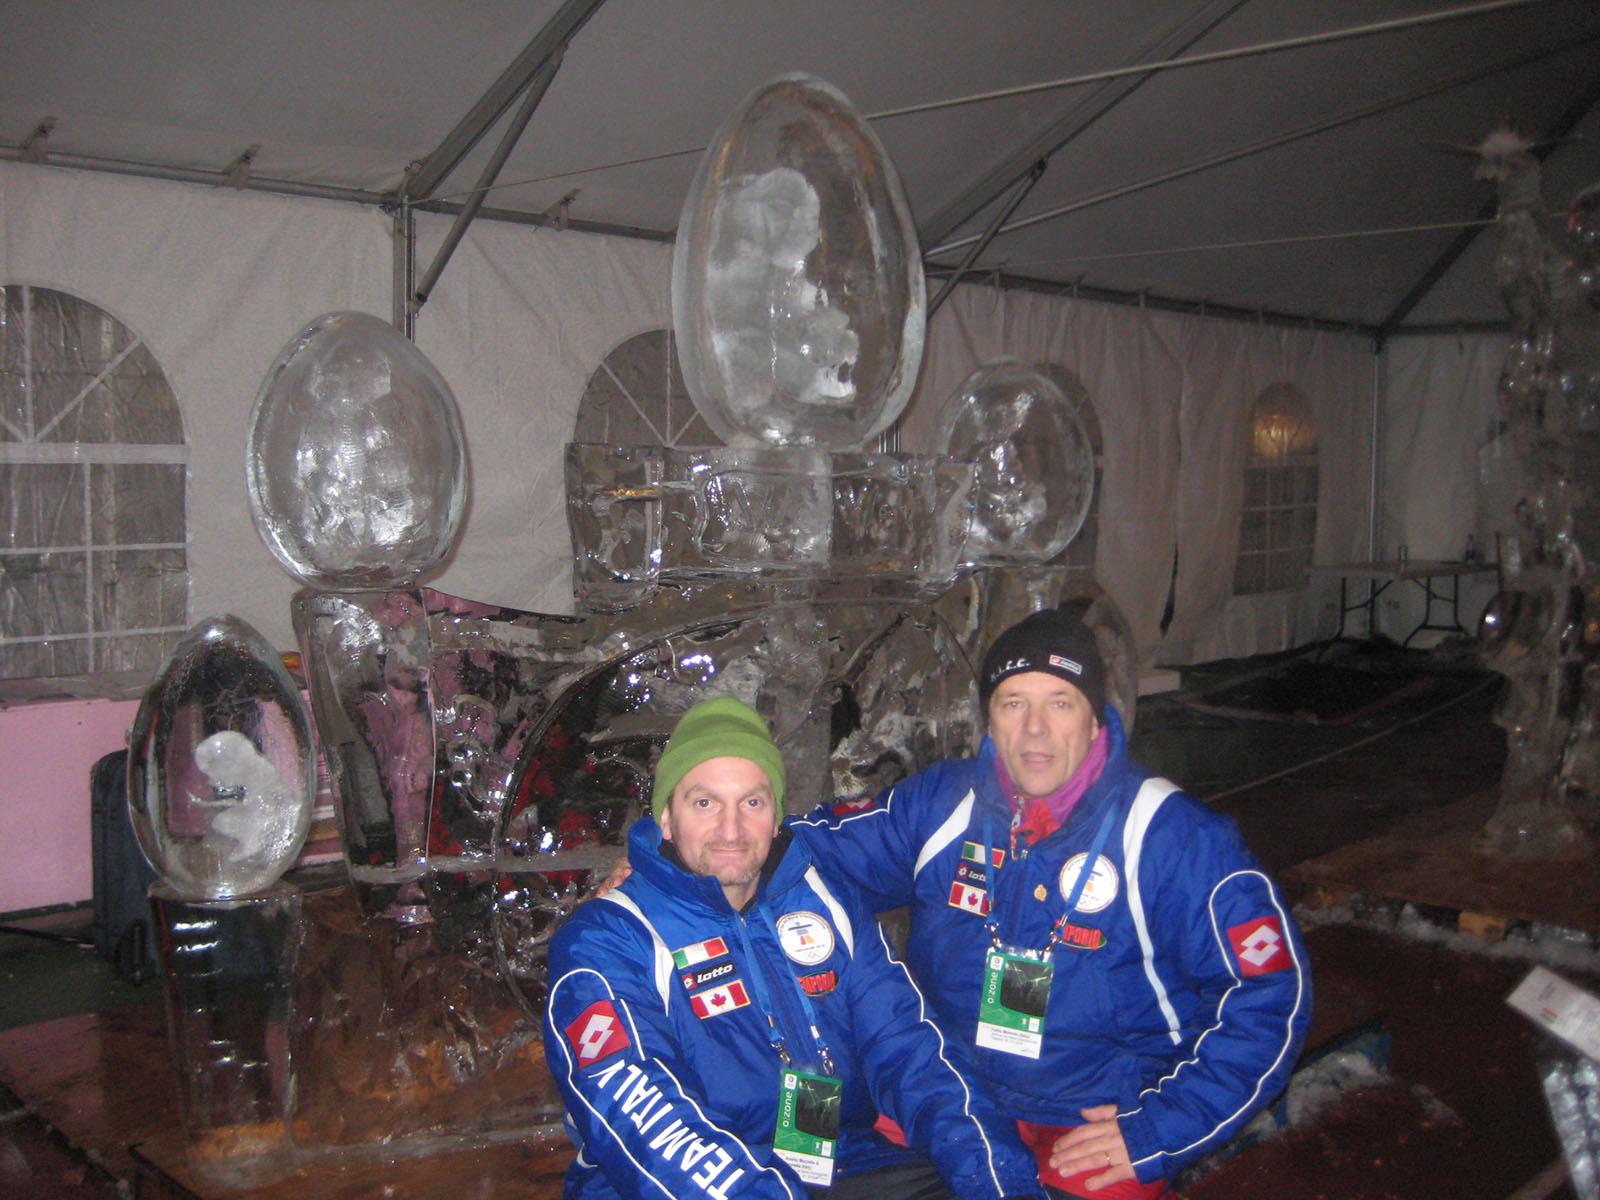 Olimpiadi Vancouver 2010 - Ghiaccio d'Arte